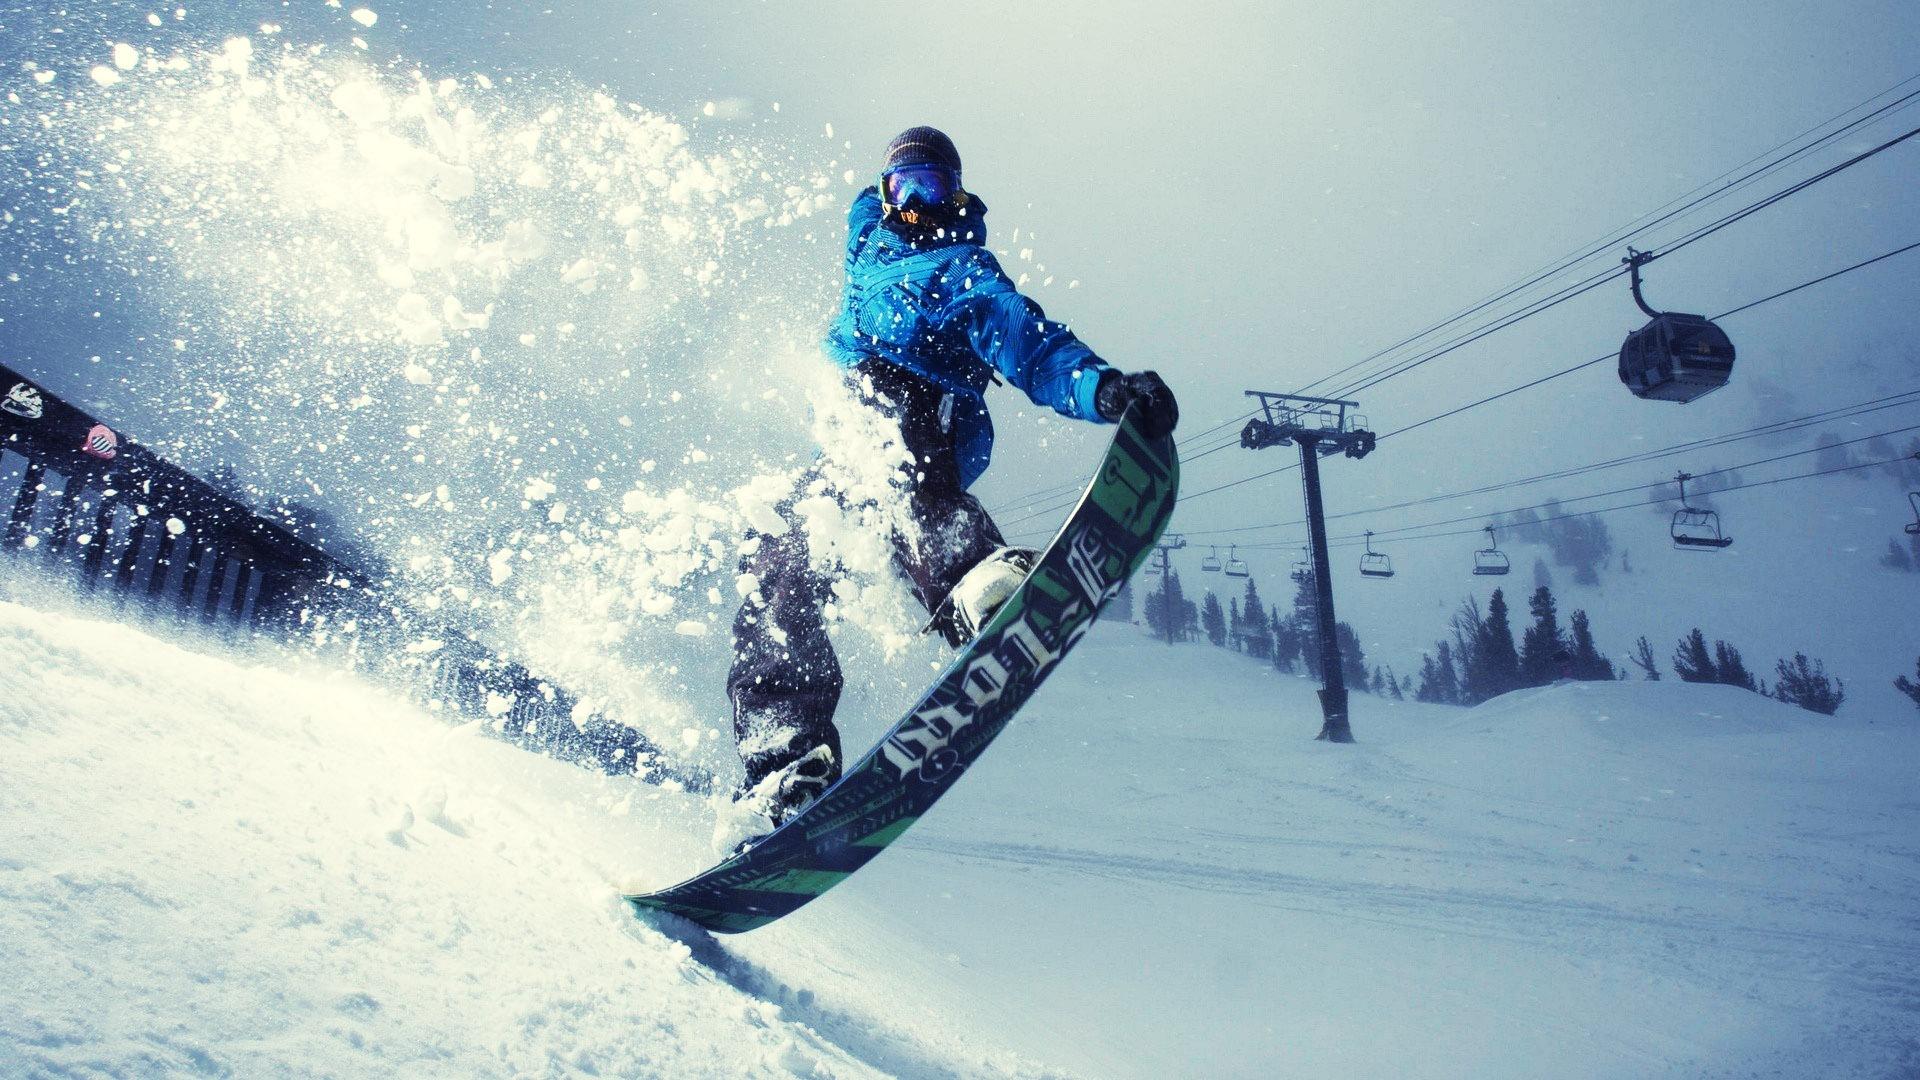 snowboard-grabs-1920x1080.jpg Snowboard Wallpaper Hd 1920x1080